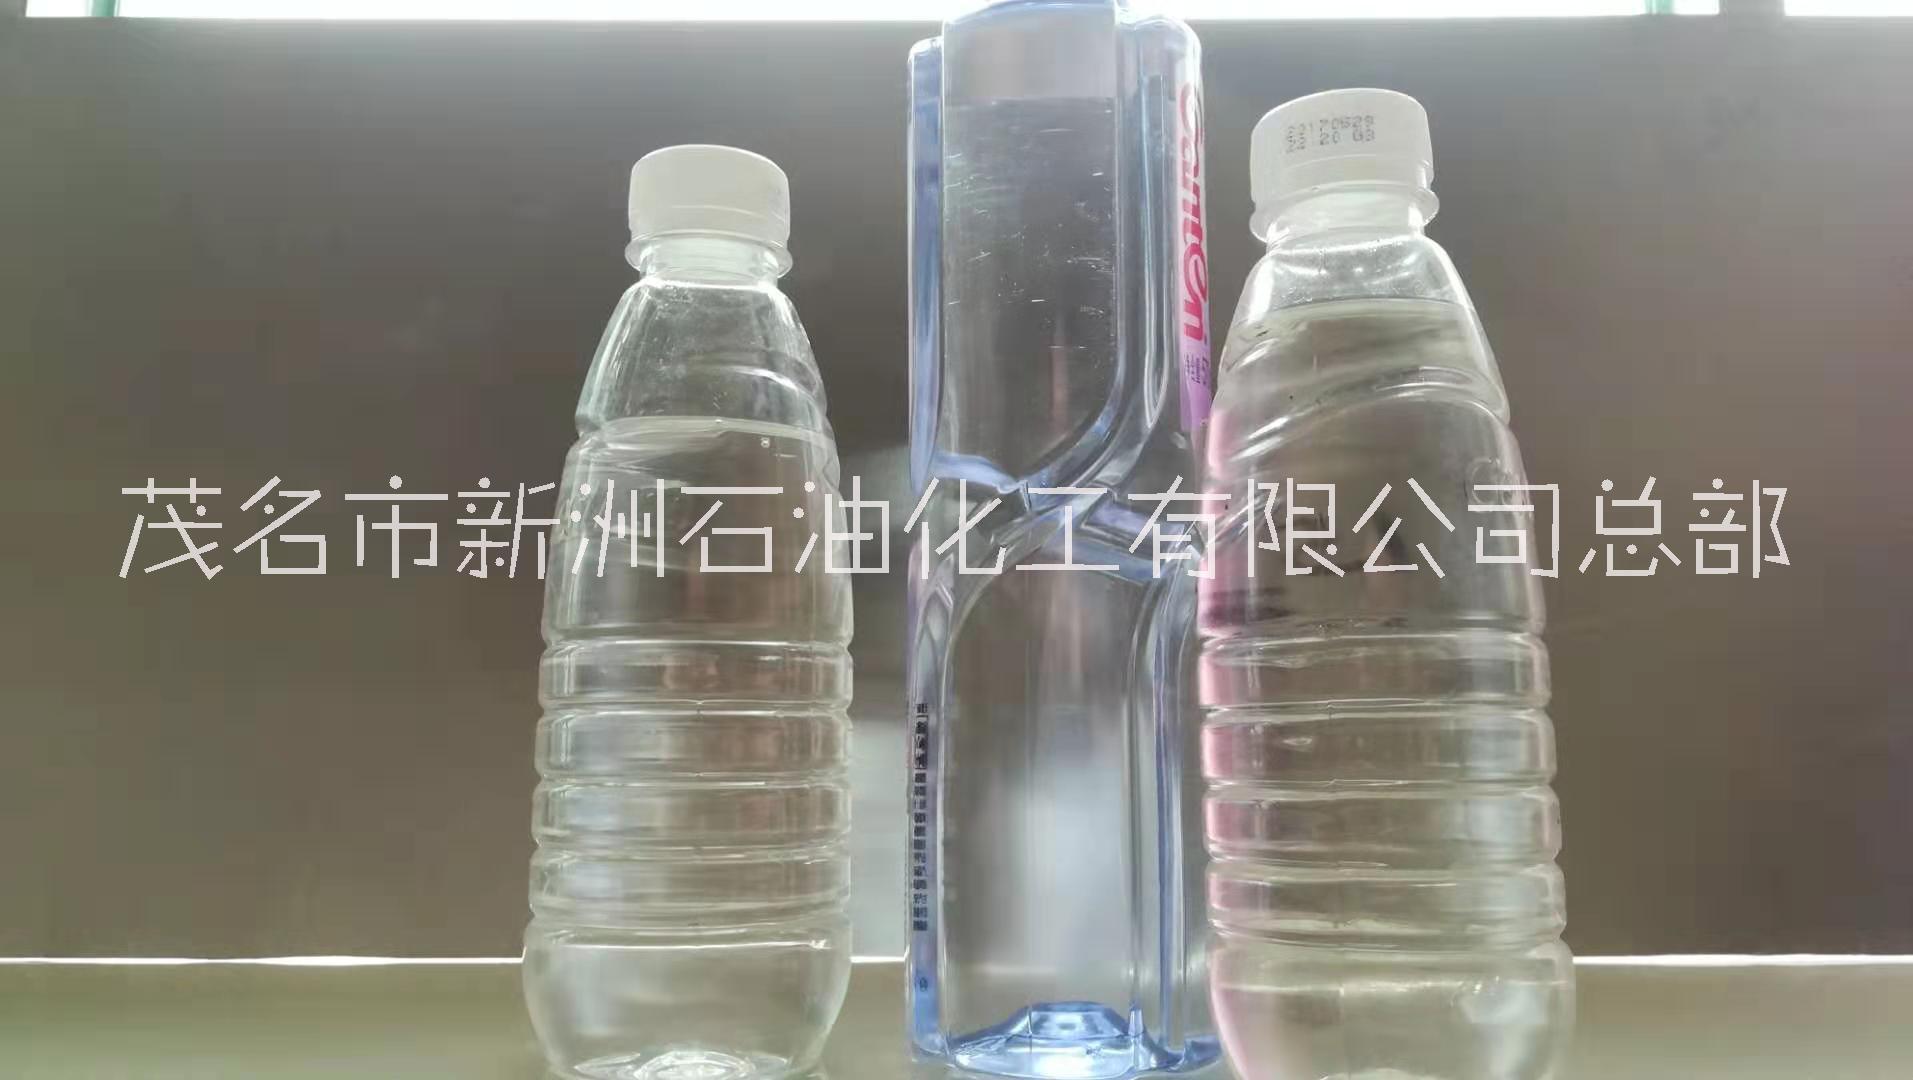 26号化妆白油,广东油,广东白油厂家,广东白油优级供应,广东白油价格